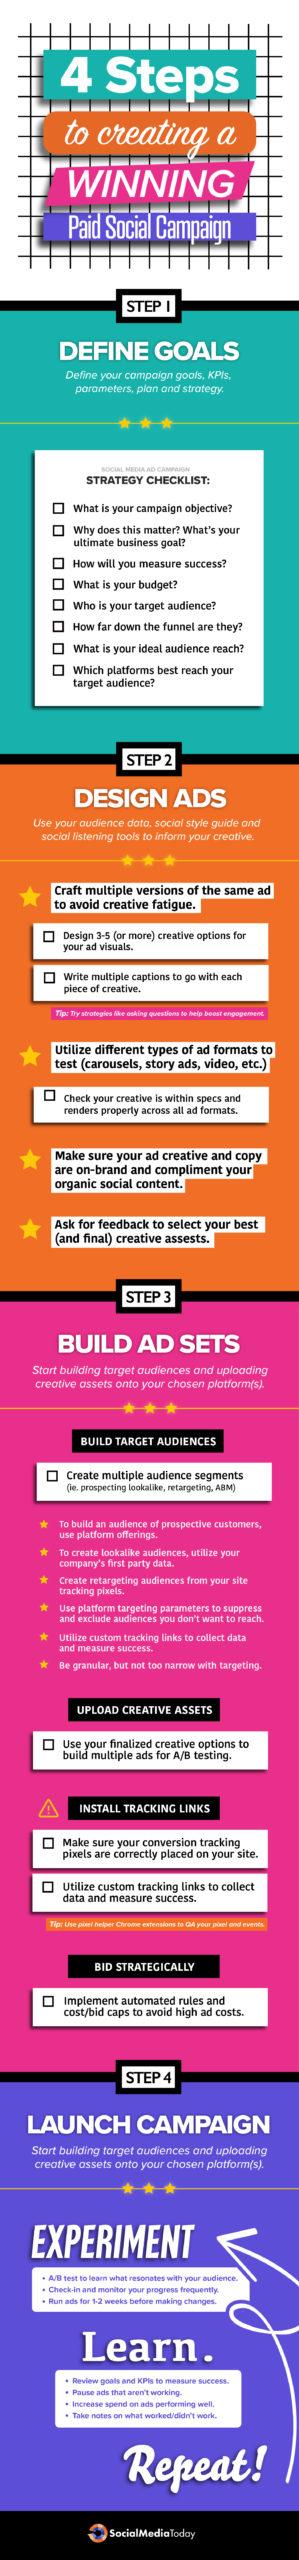 Mit diesen vier Tipps wird deine Paid Social Media Kampagne zum Erfolg. Quelle: SocialMediaToday